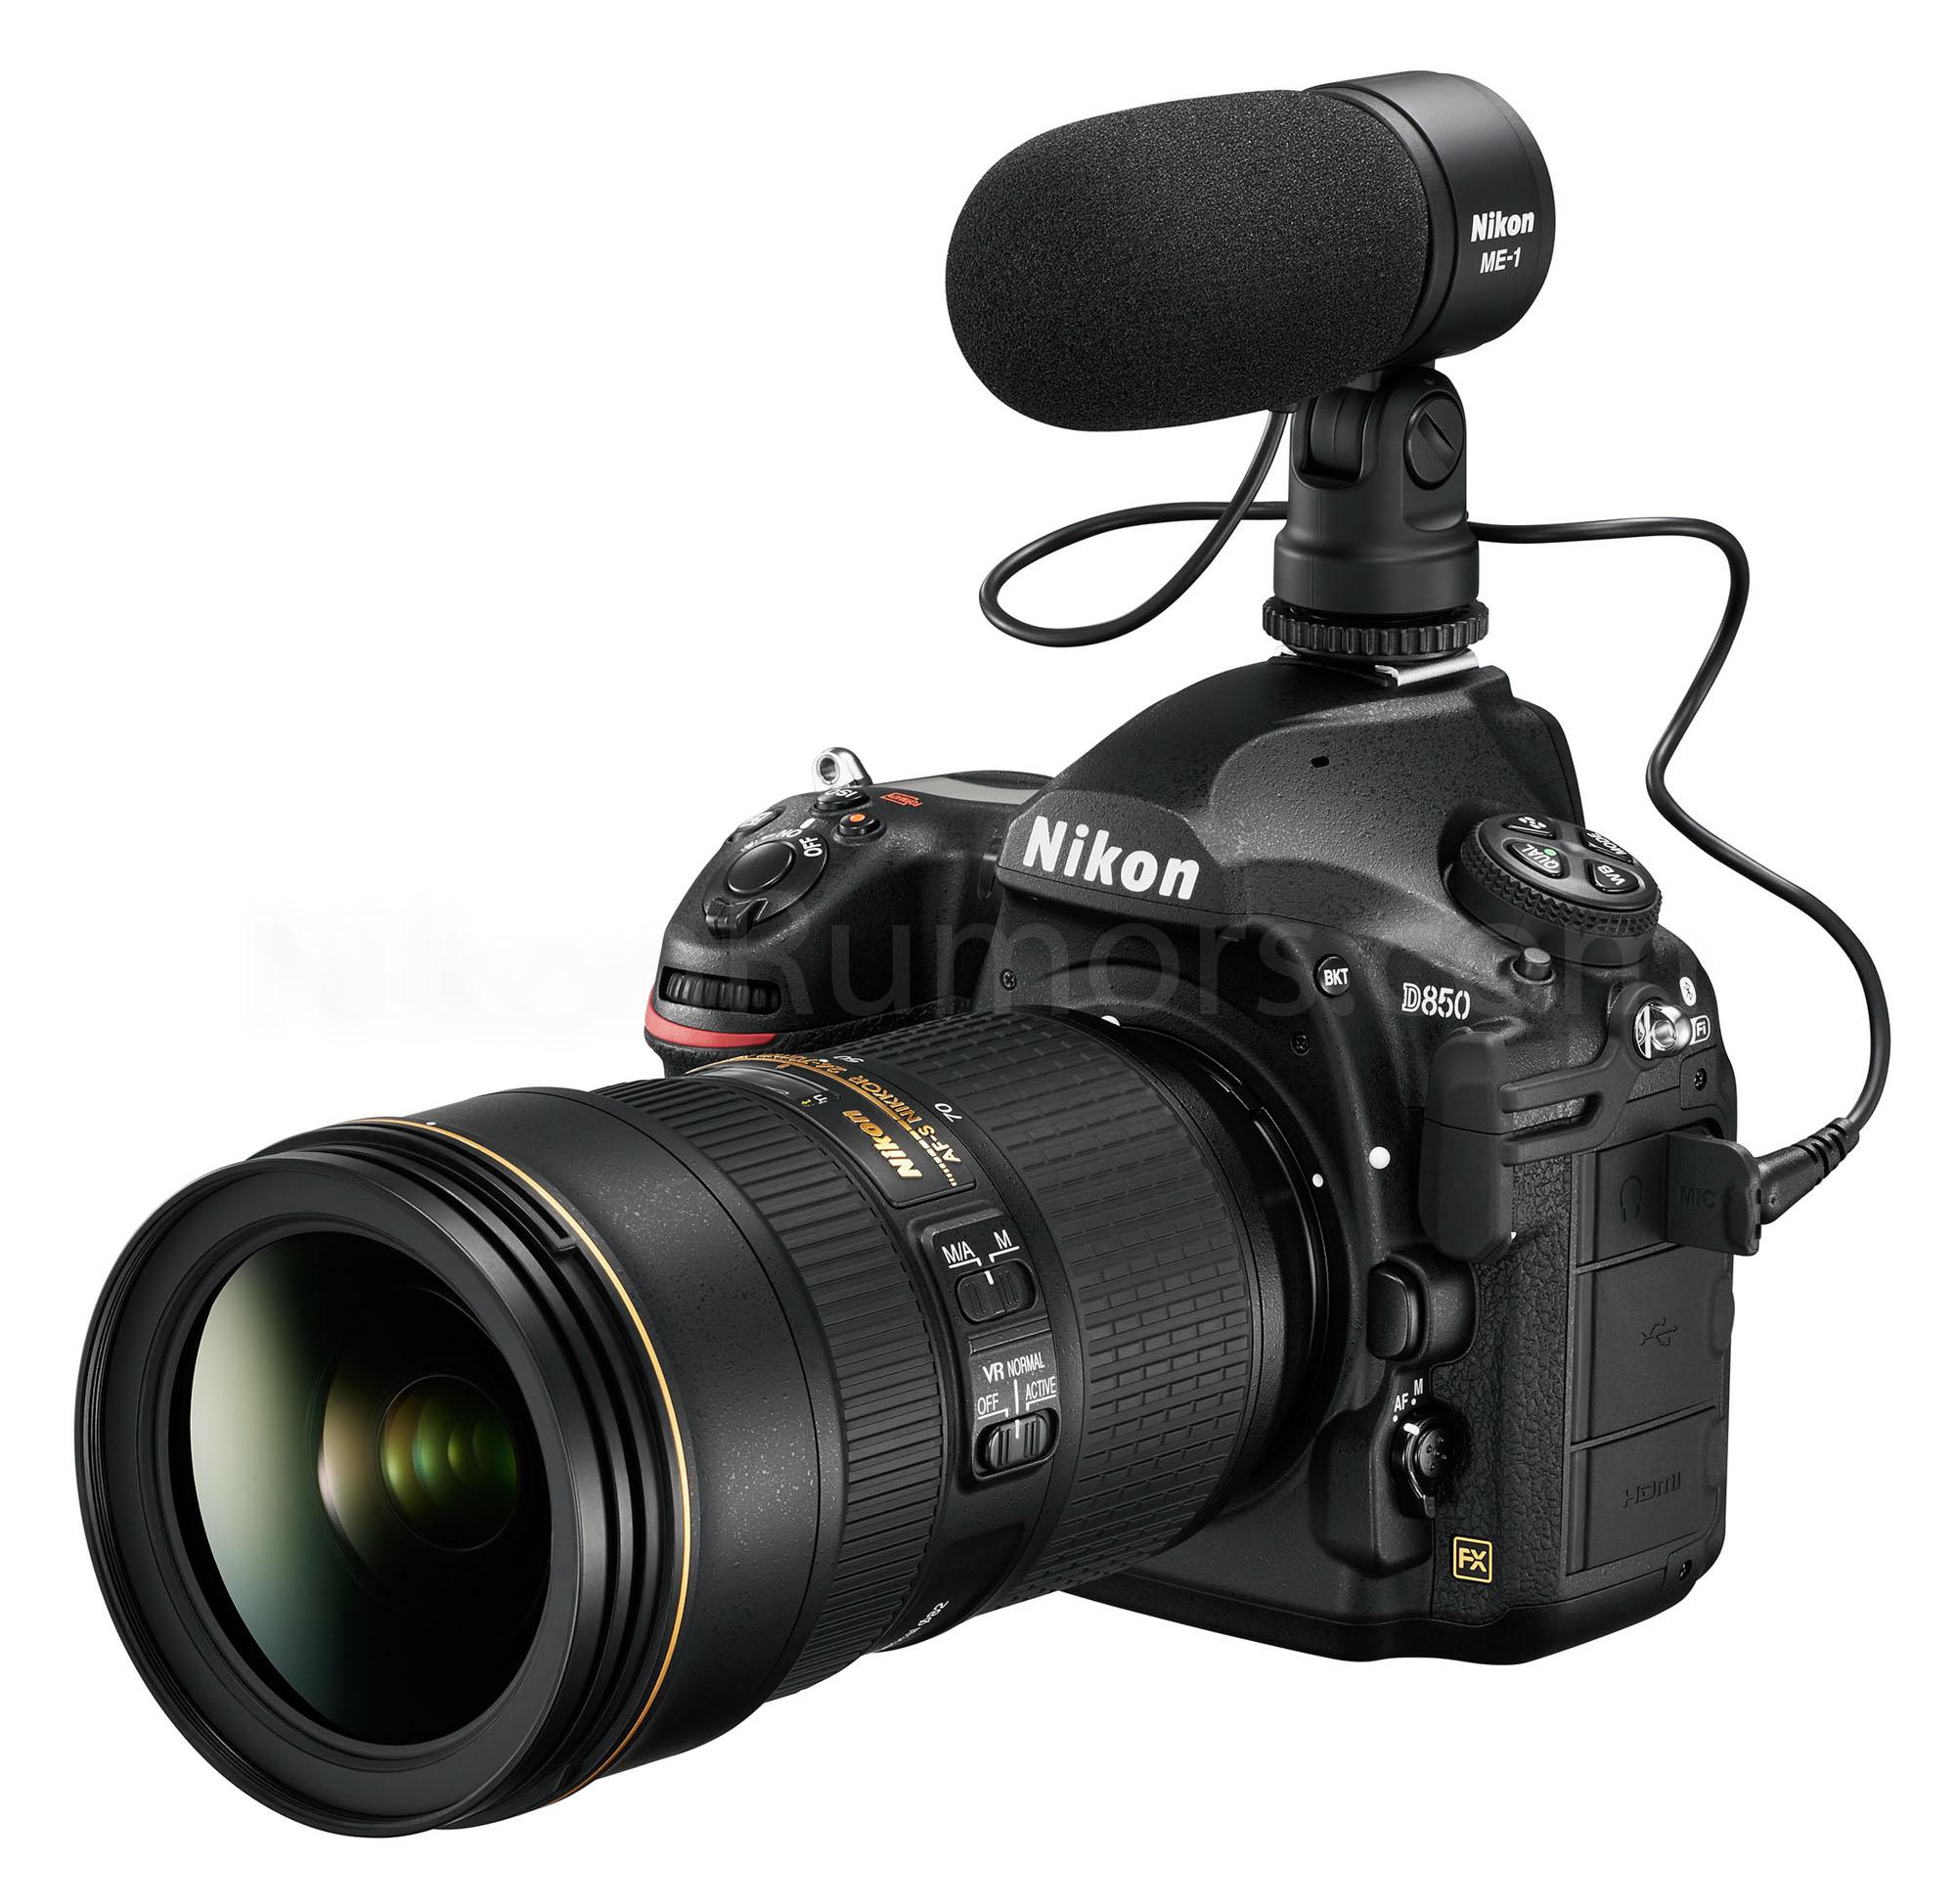 Nikon-D850-DSLR-camera7.jpg